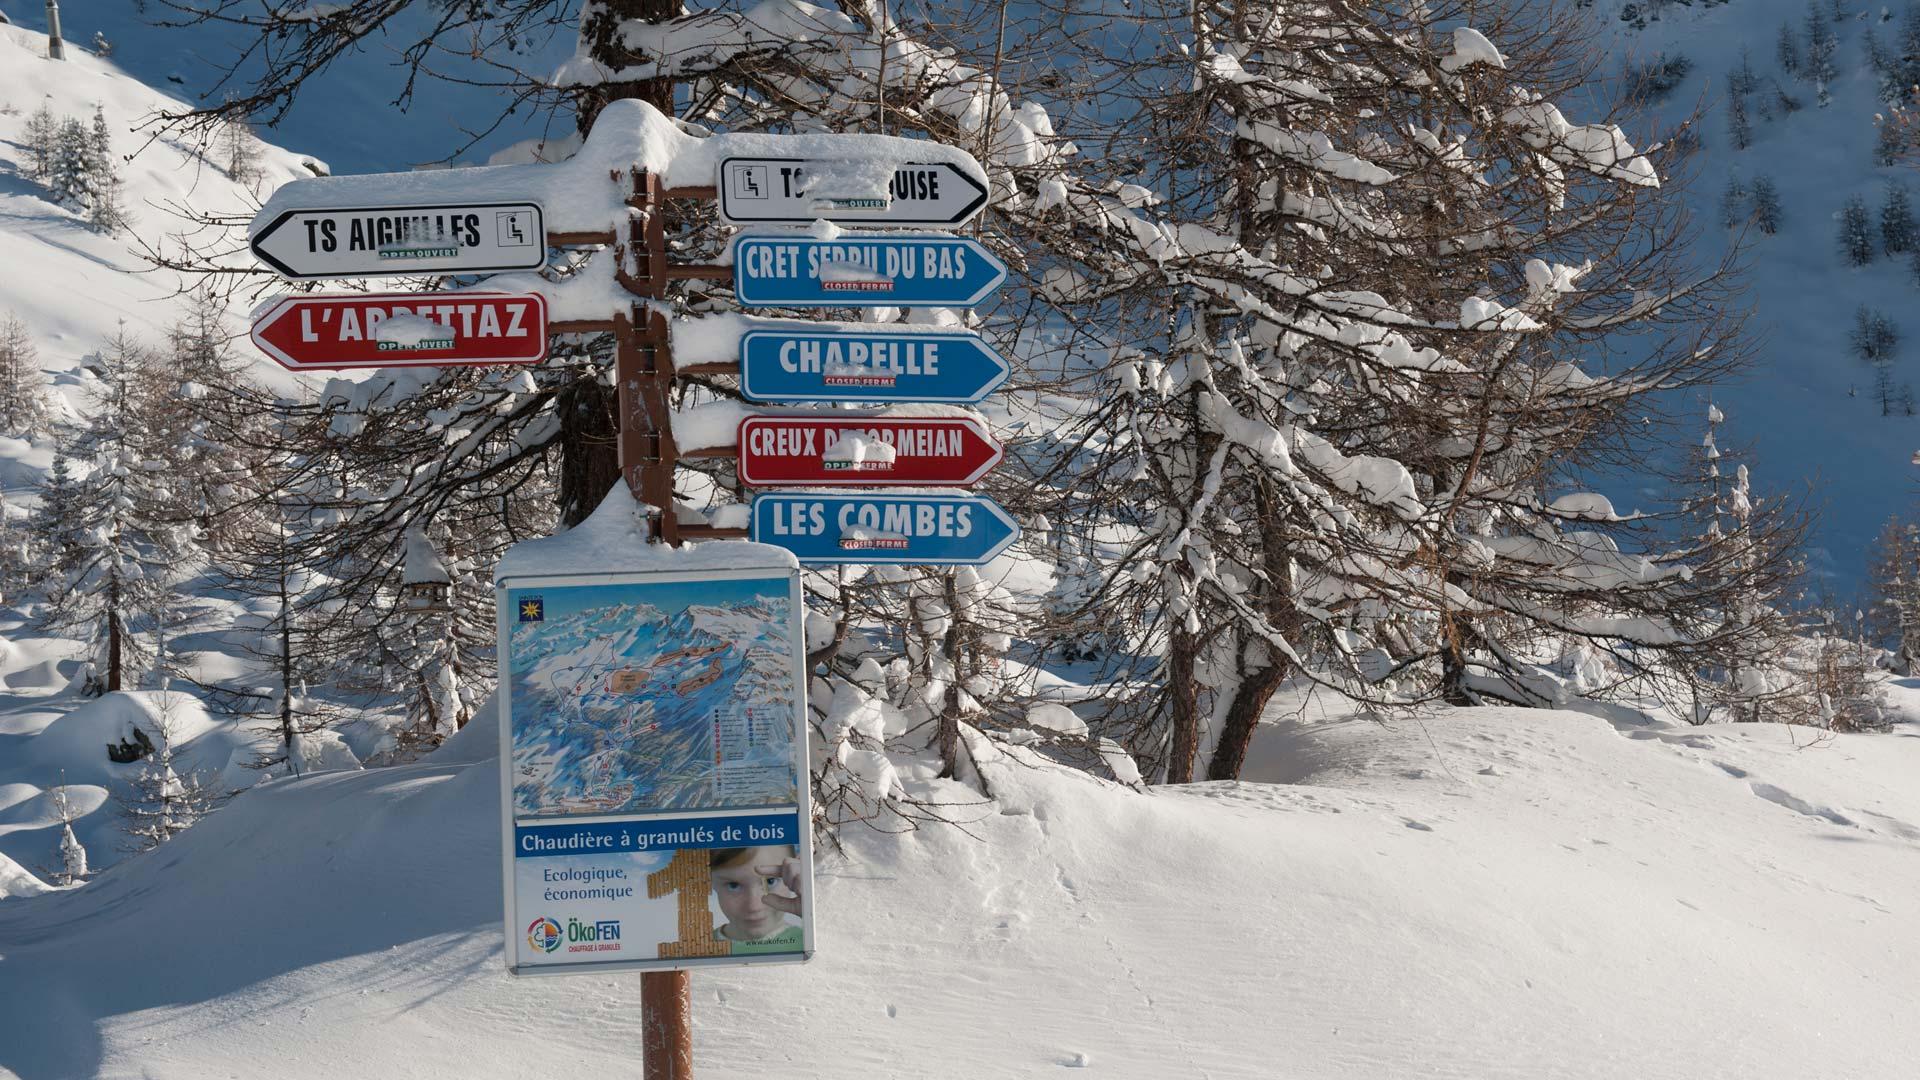 Piste signs in Sainte Foy